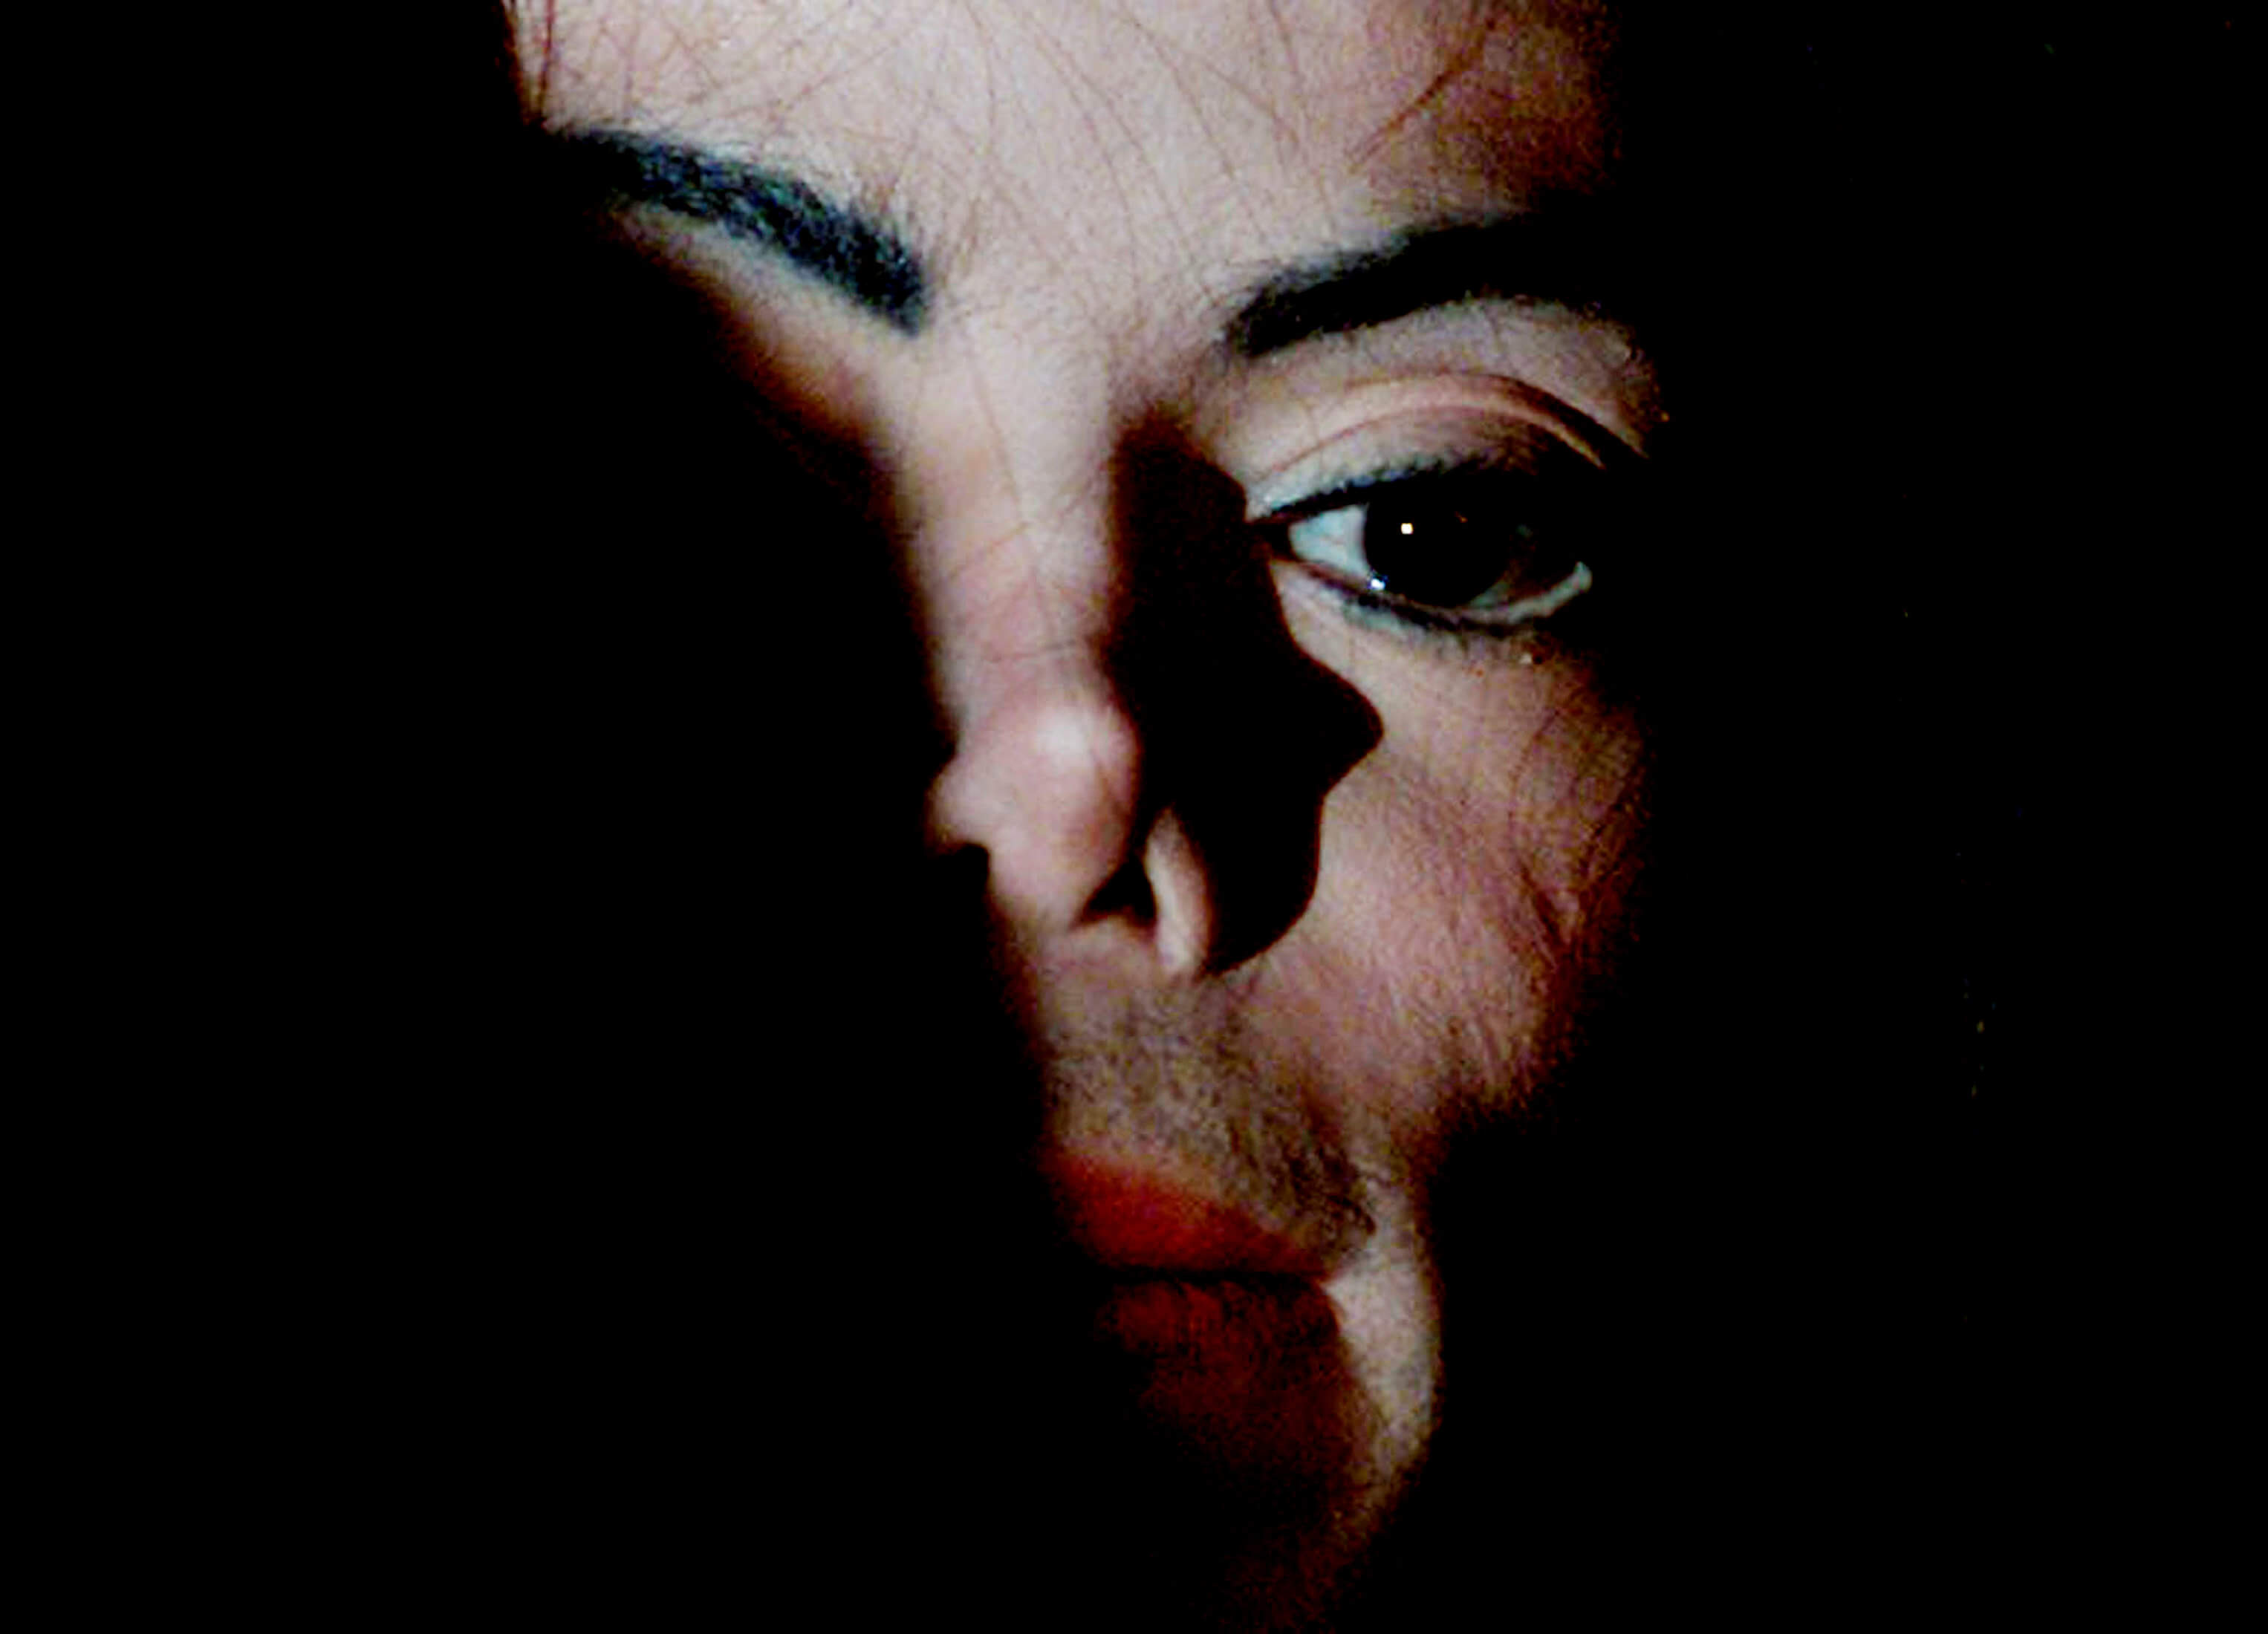 Μάικλ Τζάκσον: Τέλος από το BBC – Δεν θα ακούγονται πλέον τα τραγούδια του